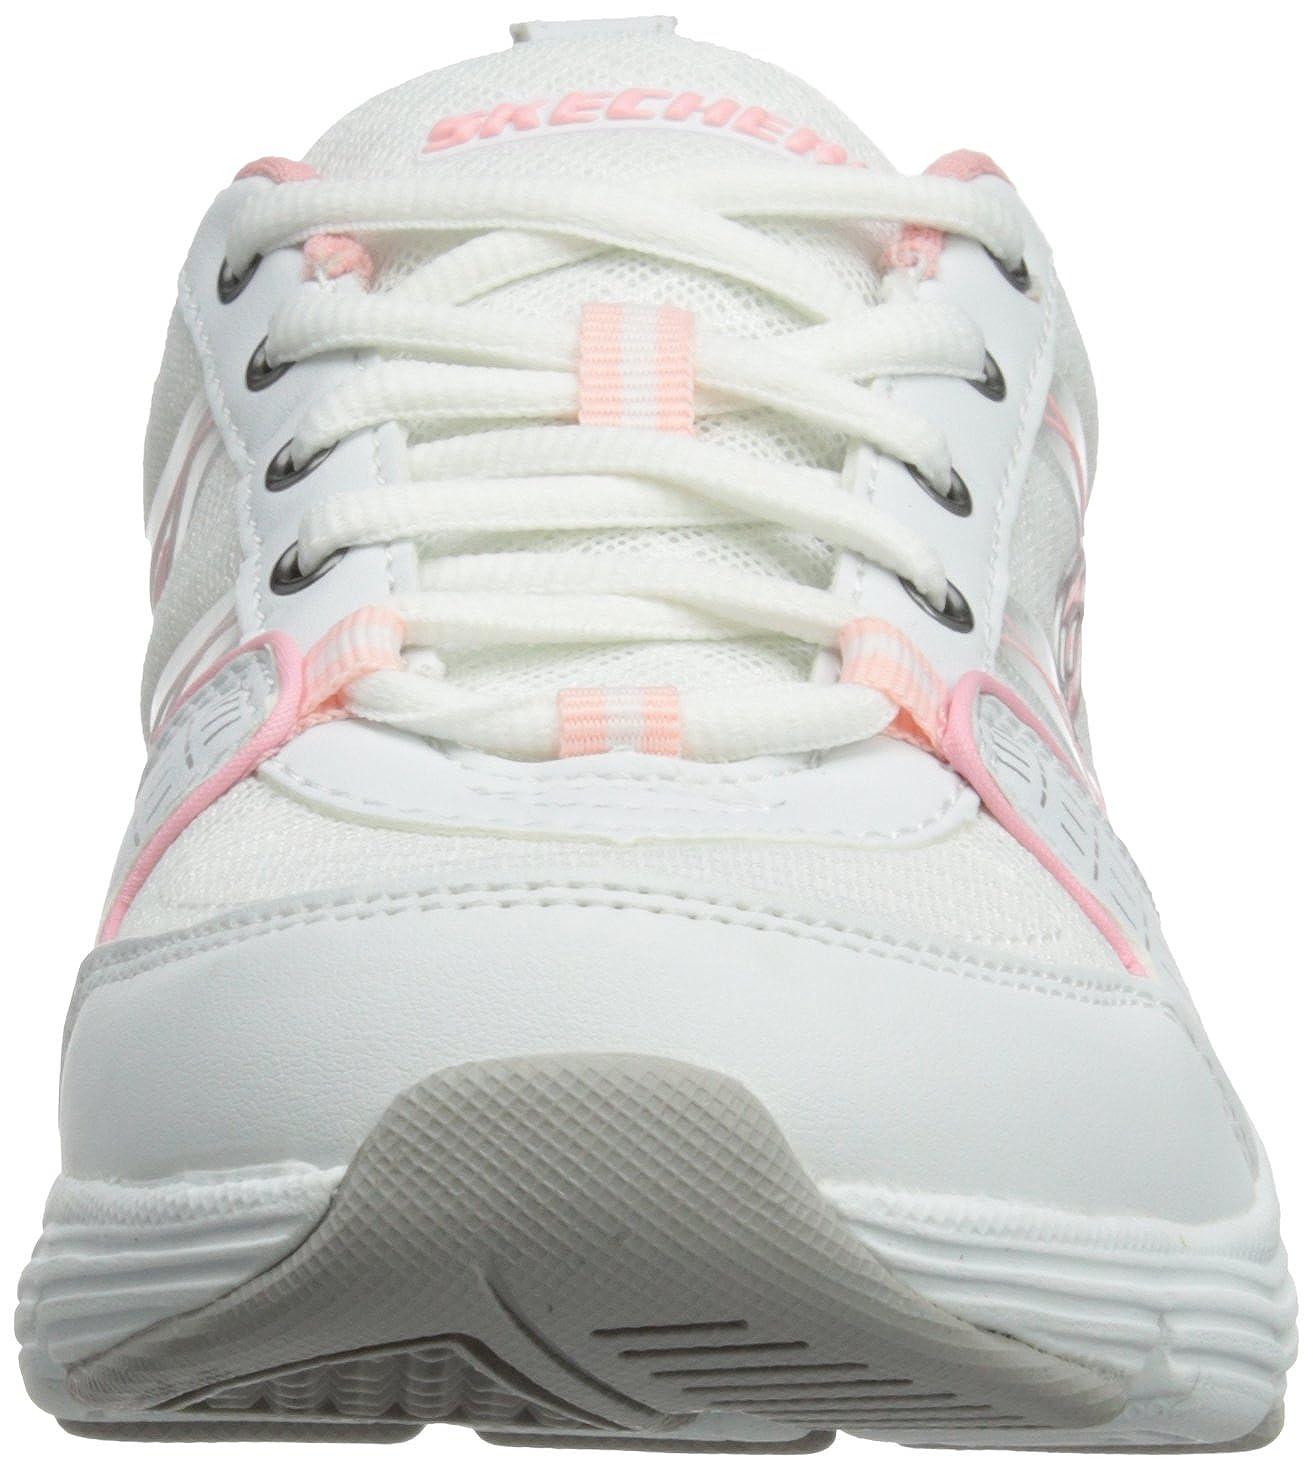 Skechers LACE UP SNEAKER W/MESH CU 99999795 Damen Sneaker